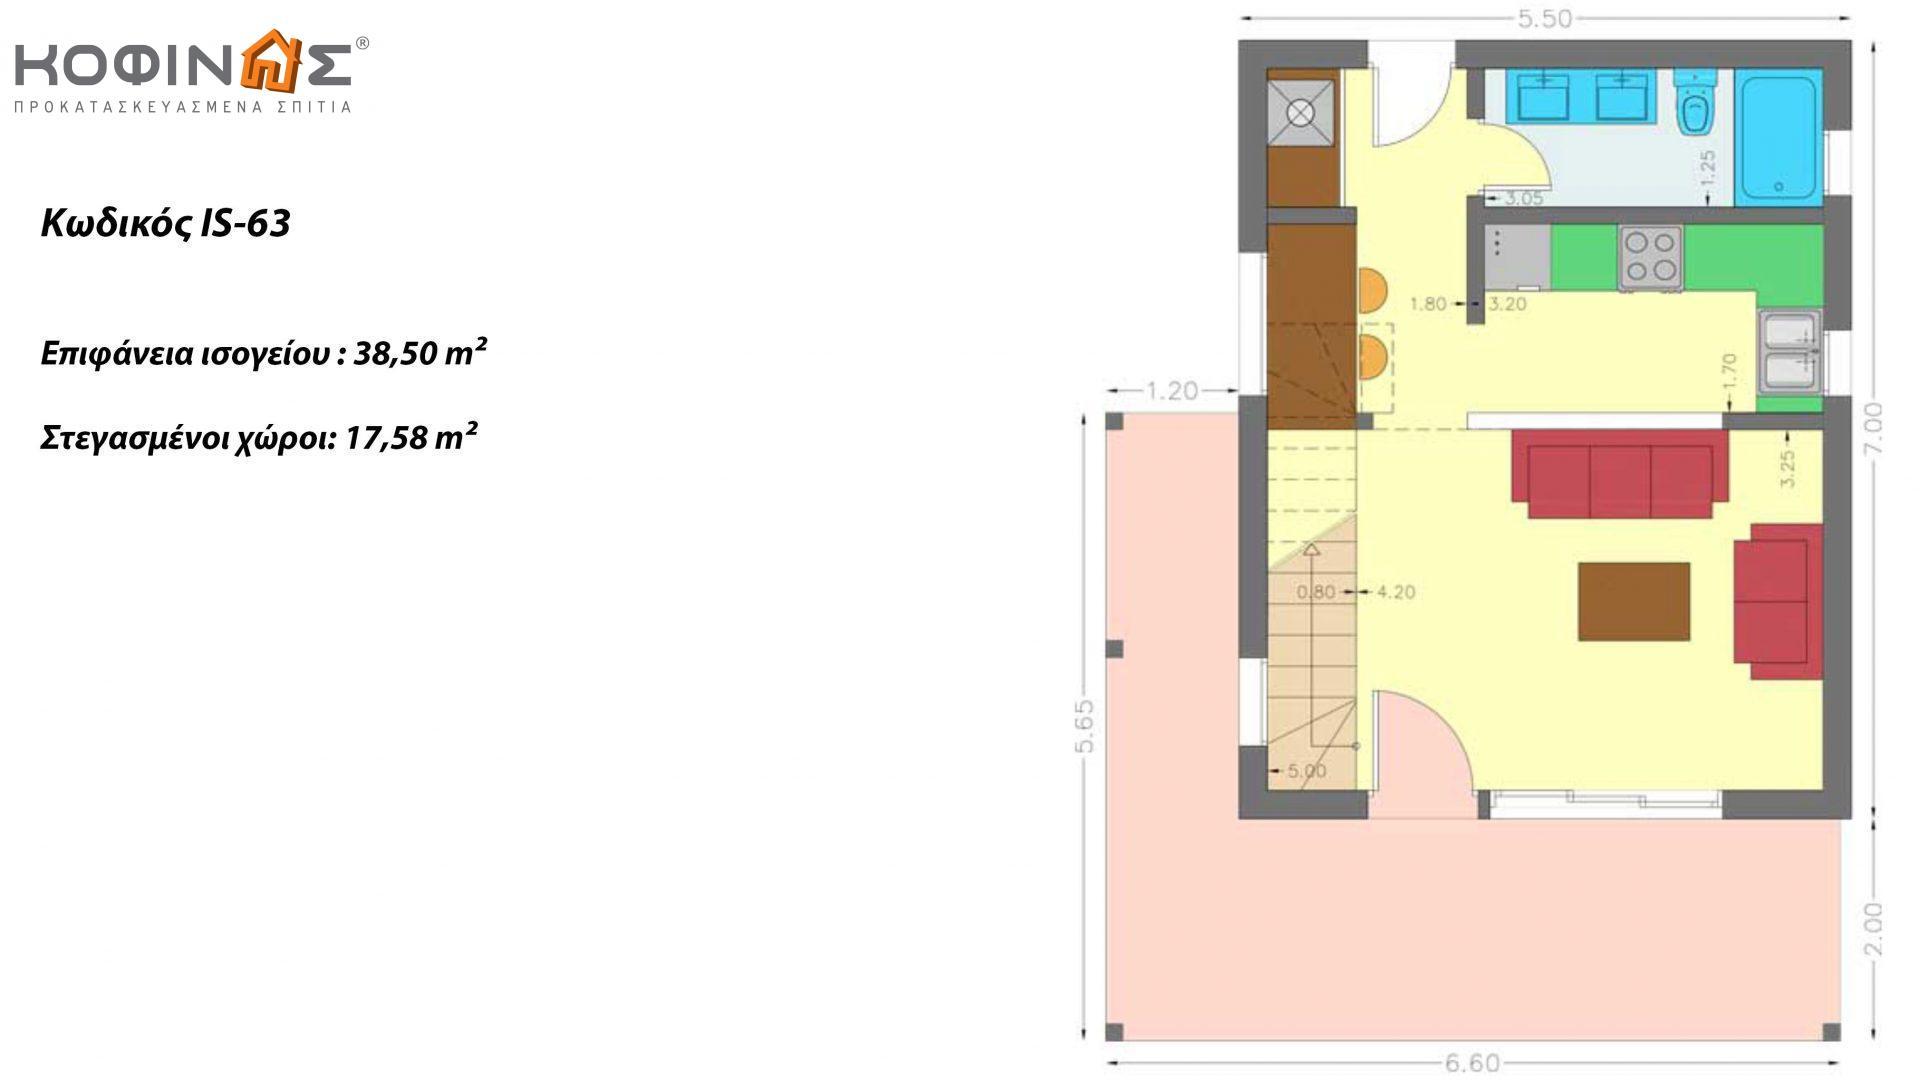 Ισόγεια Κατοικία με Σοφίτα IS-63, συνολικής επιφάνειας 63,65 τ.μ. ,συνολική επιφάνεια στεγασμένων χώρων 17,58 τ.μ.